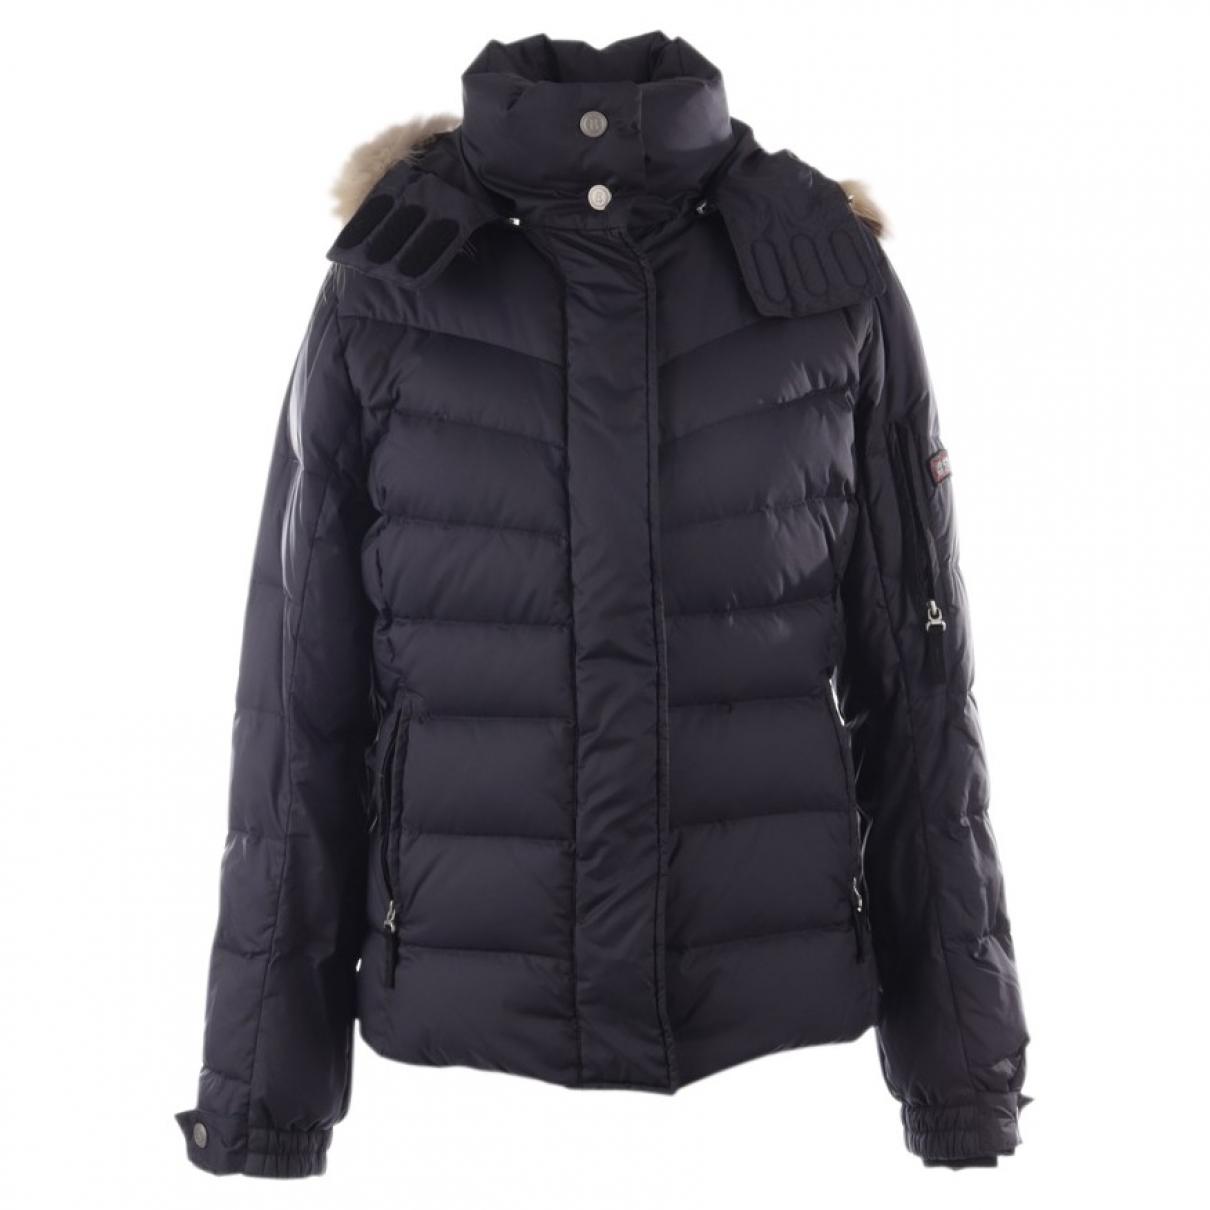 Bogner \N Blue jacket for Women 36 FR